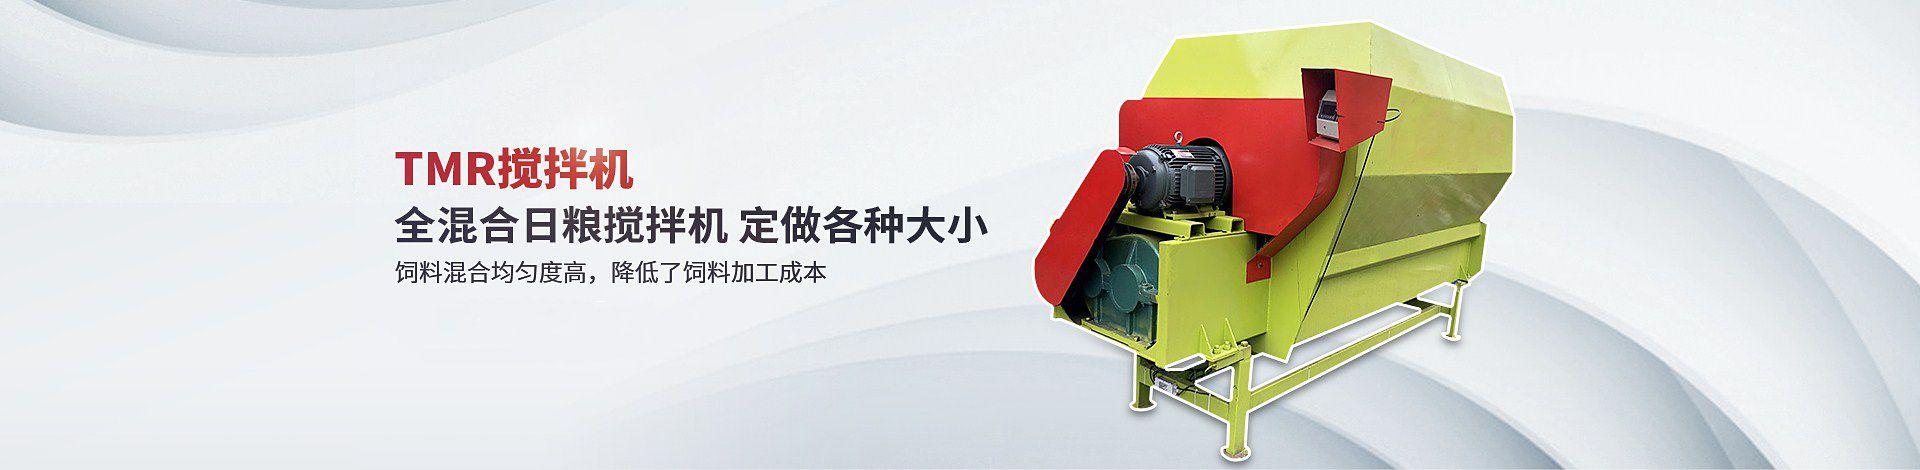 曲阜润丰机械有限公司